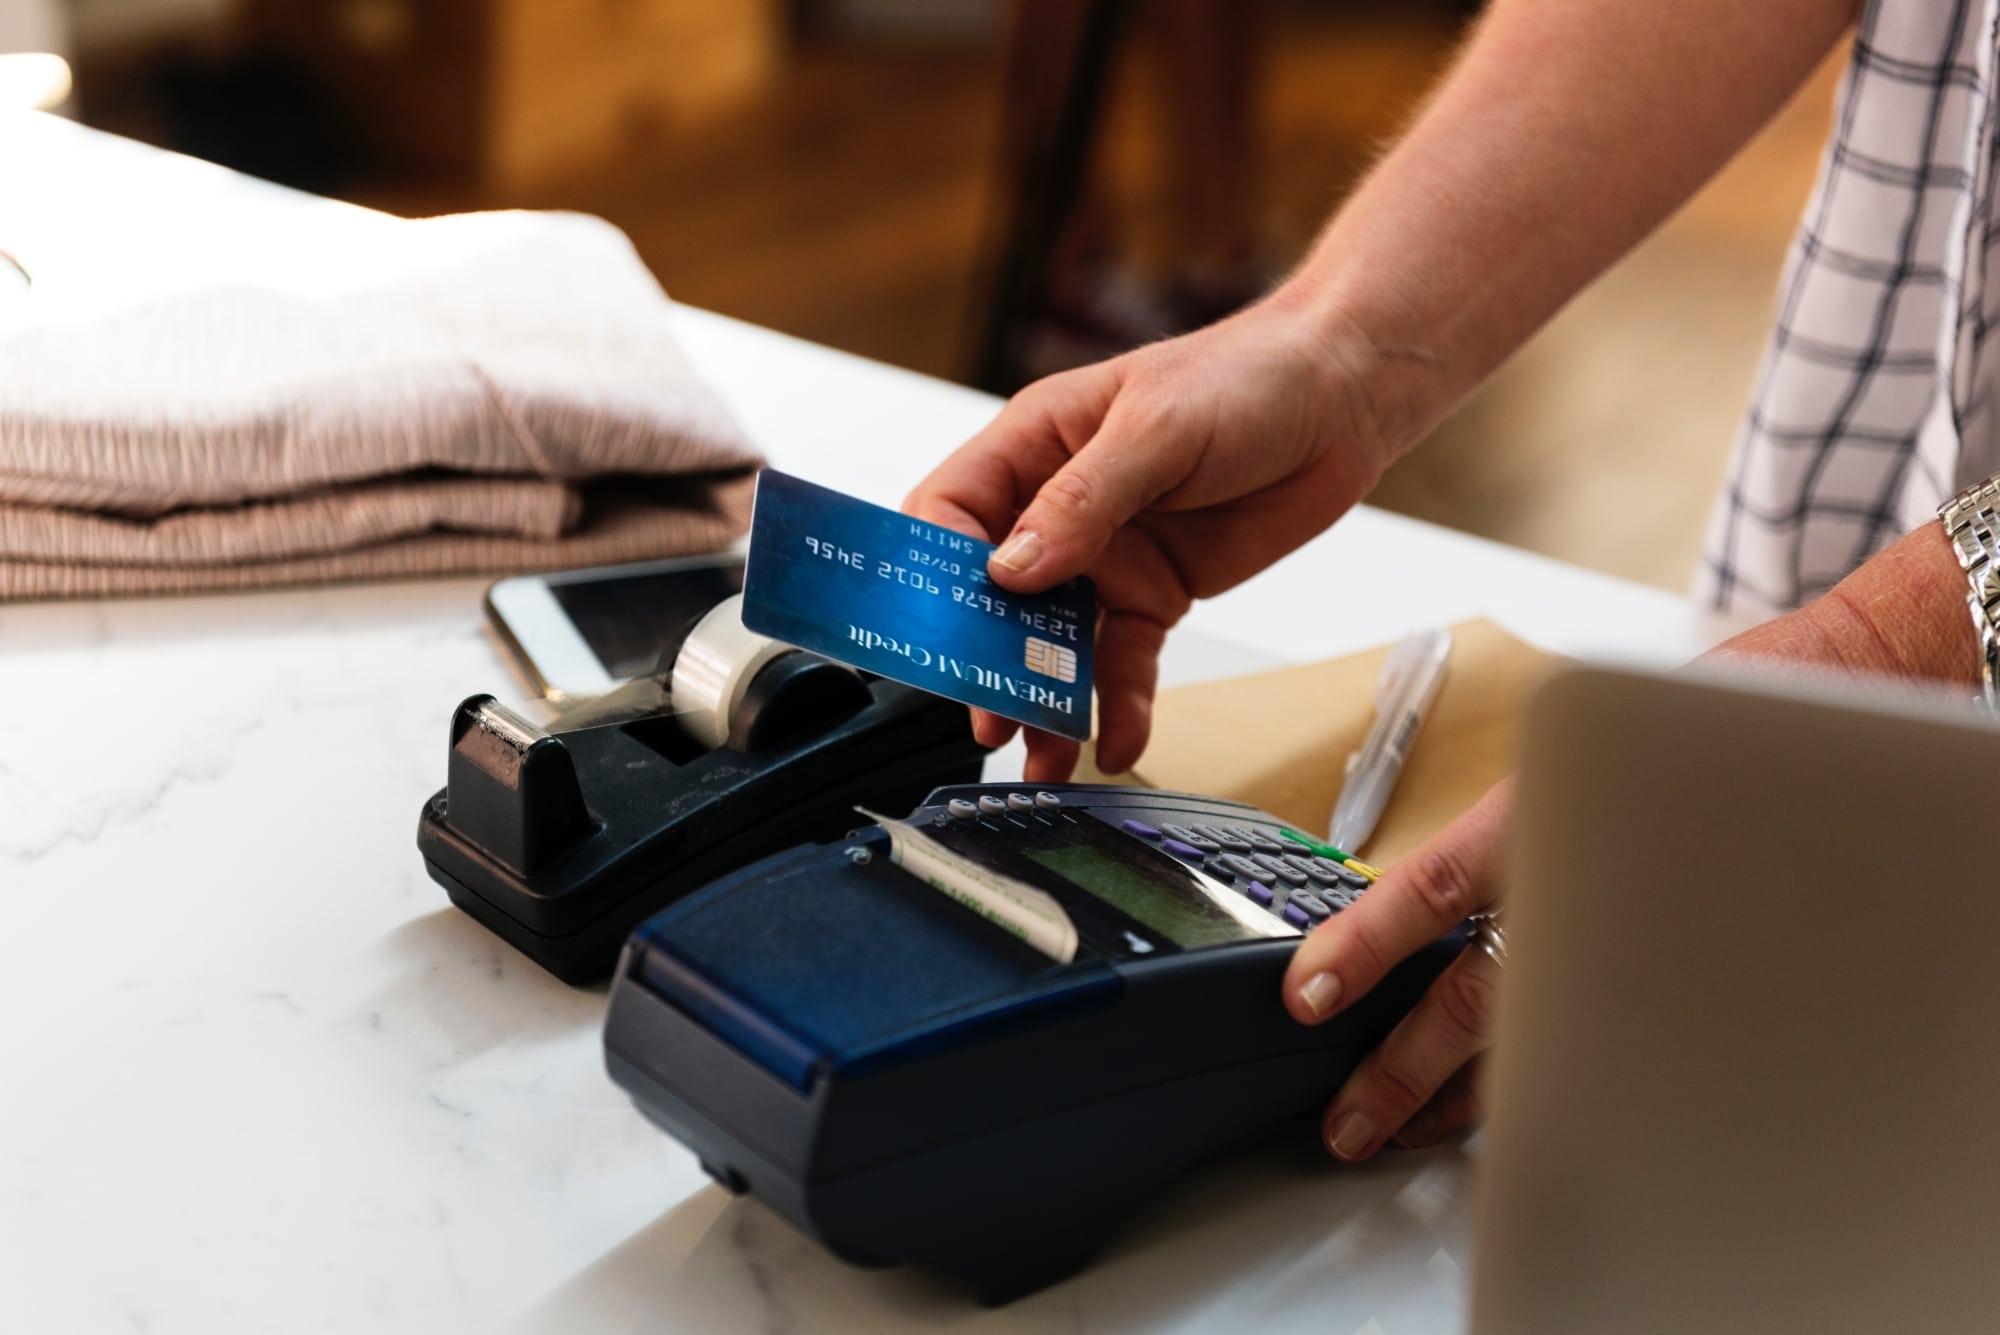 Kortterminal för bankkort